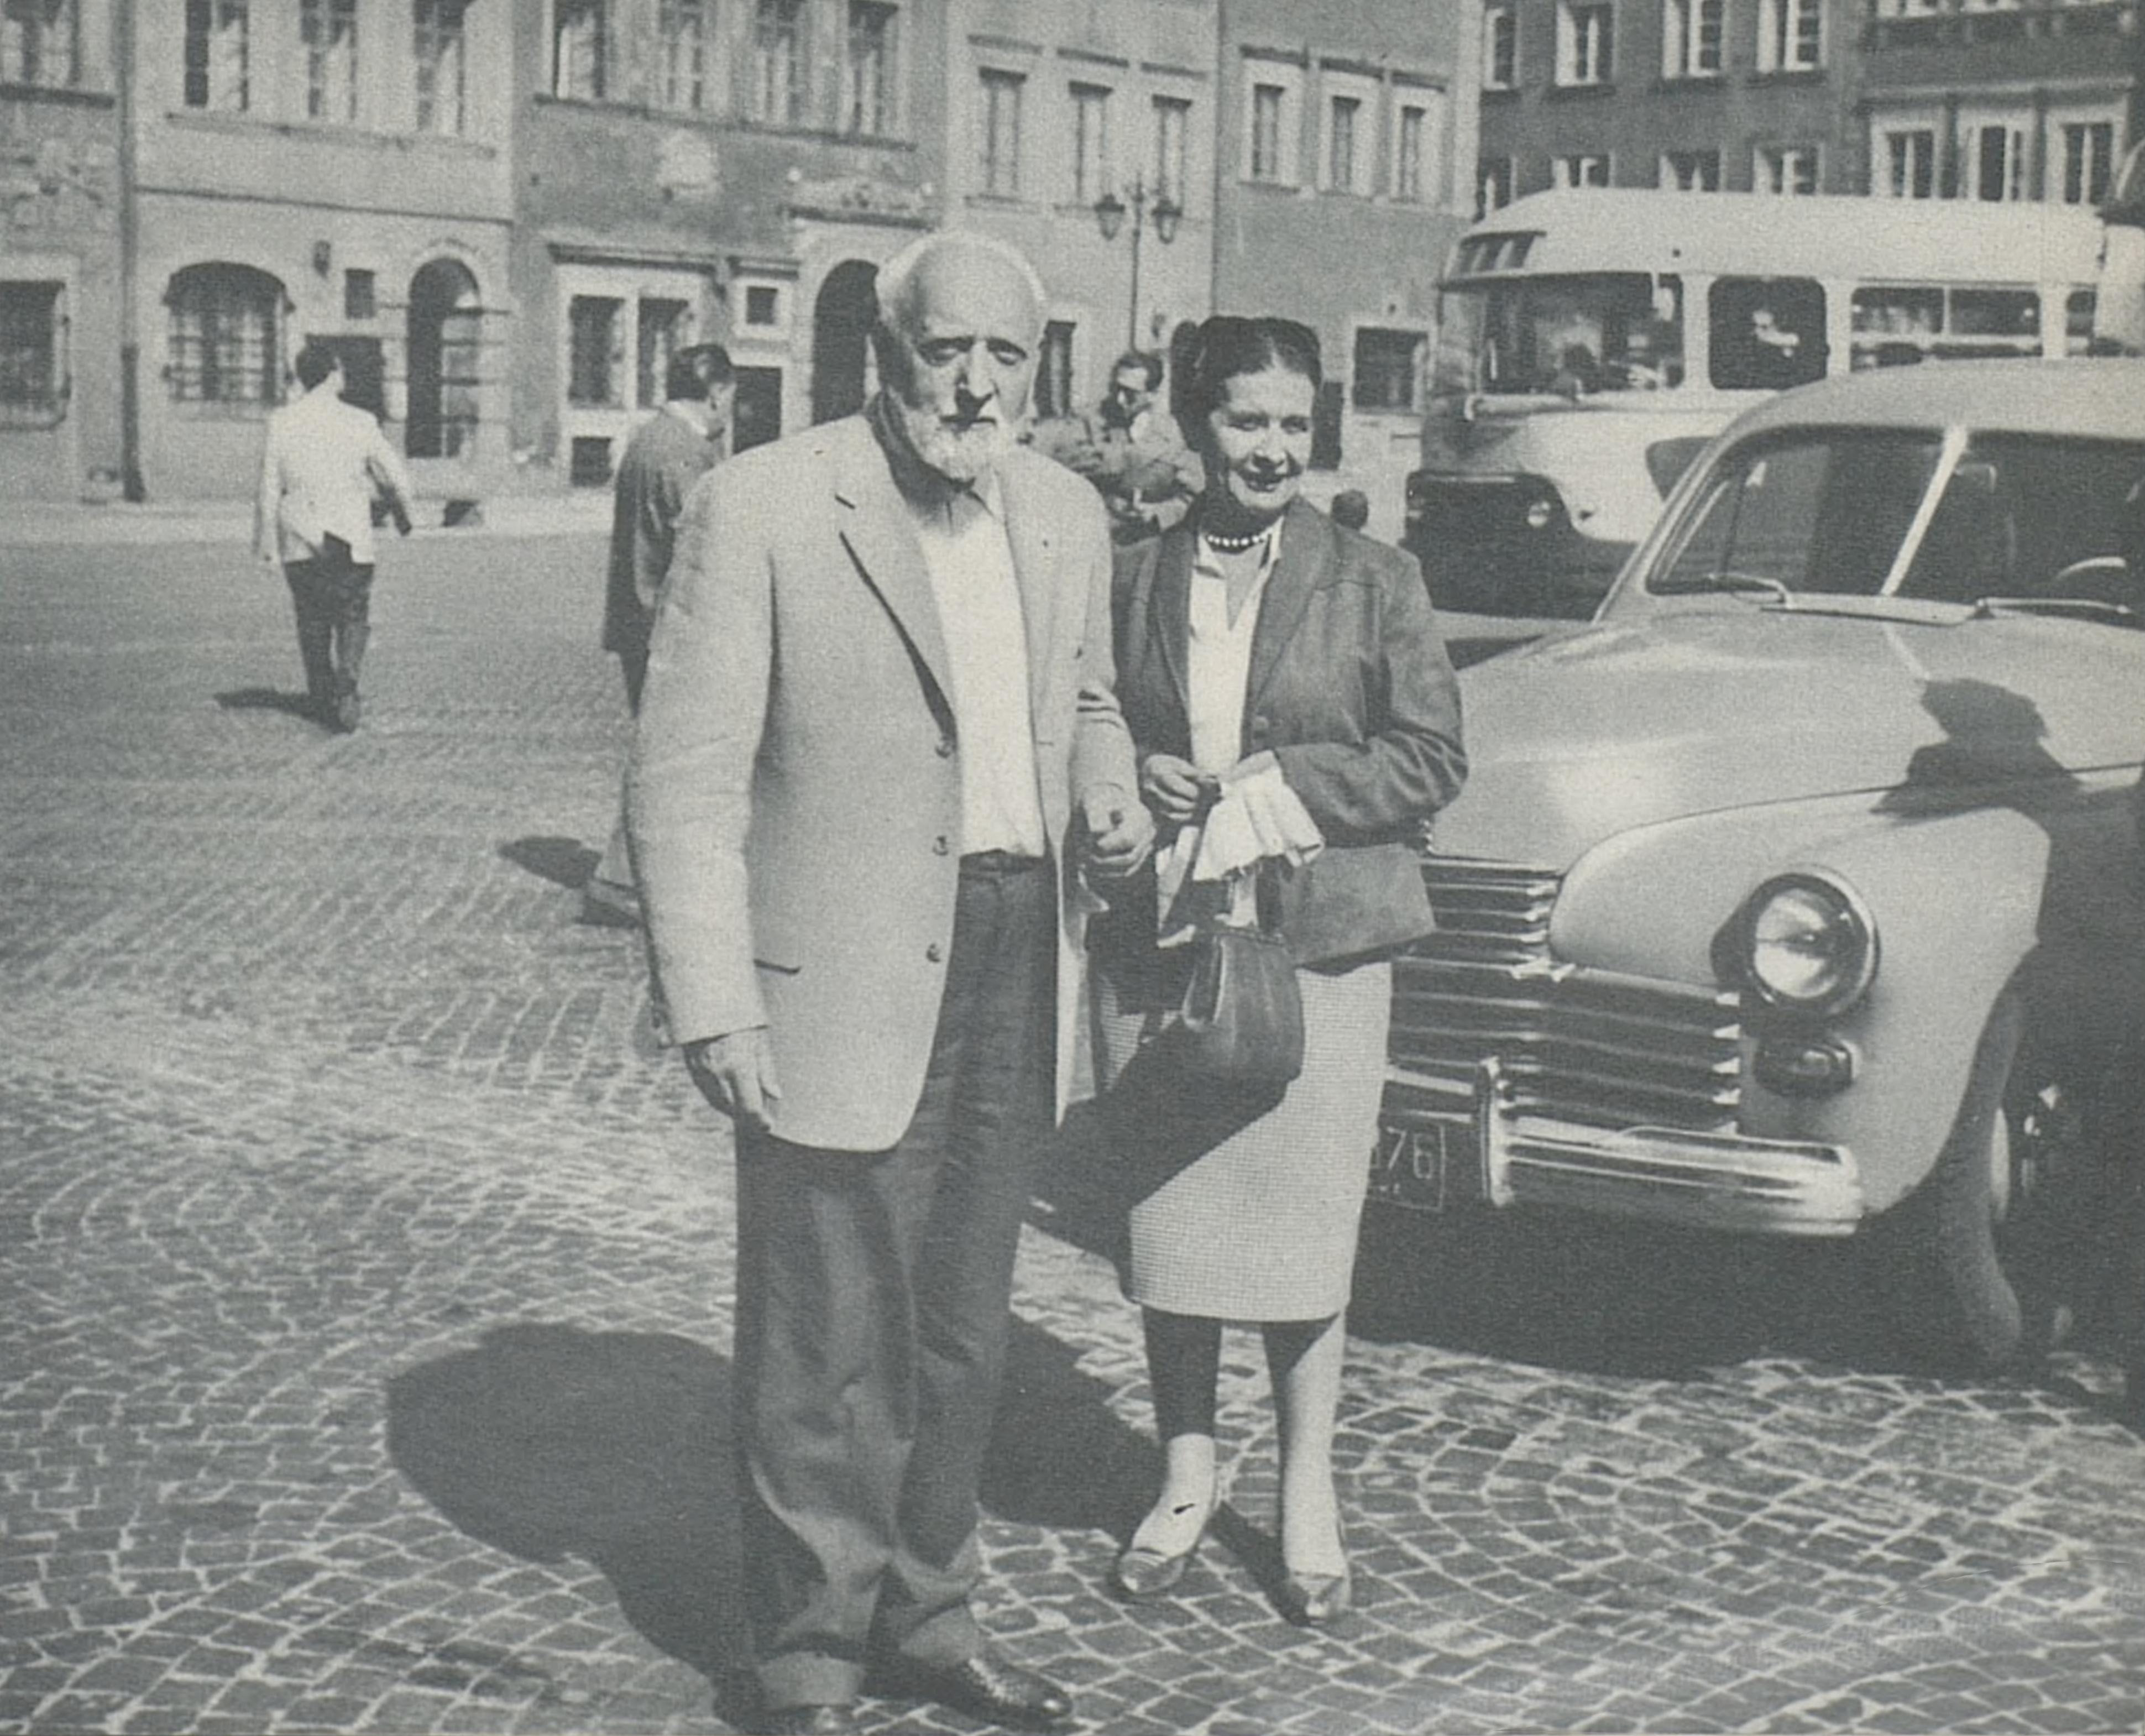 Ernest Ansermet et son épouse à Varsovie en 1959, vieille place du marché, photo Traversino, cliquer pour voir un agrandissement